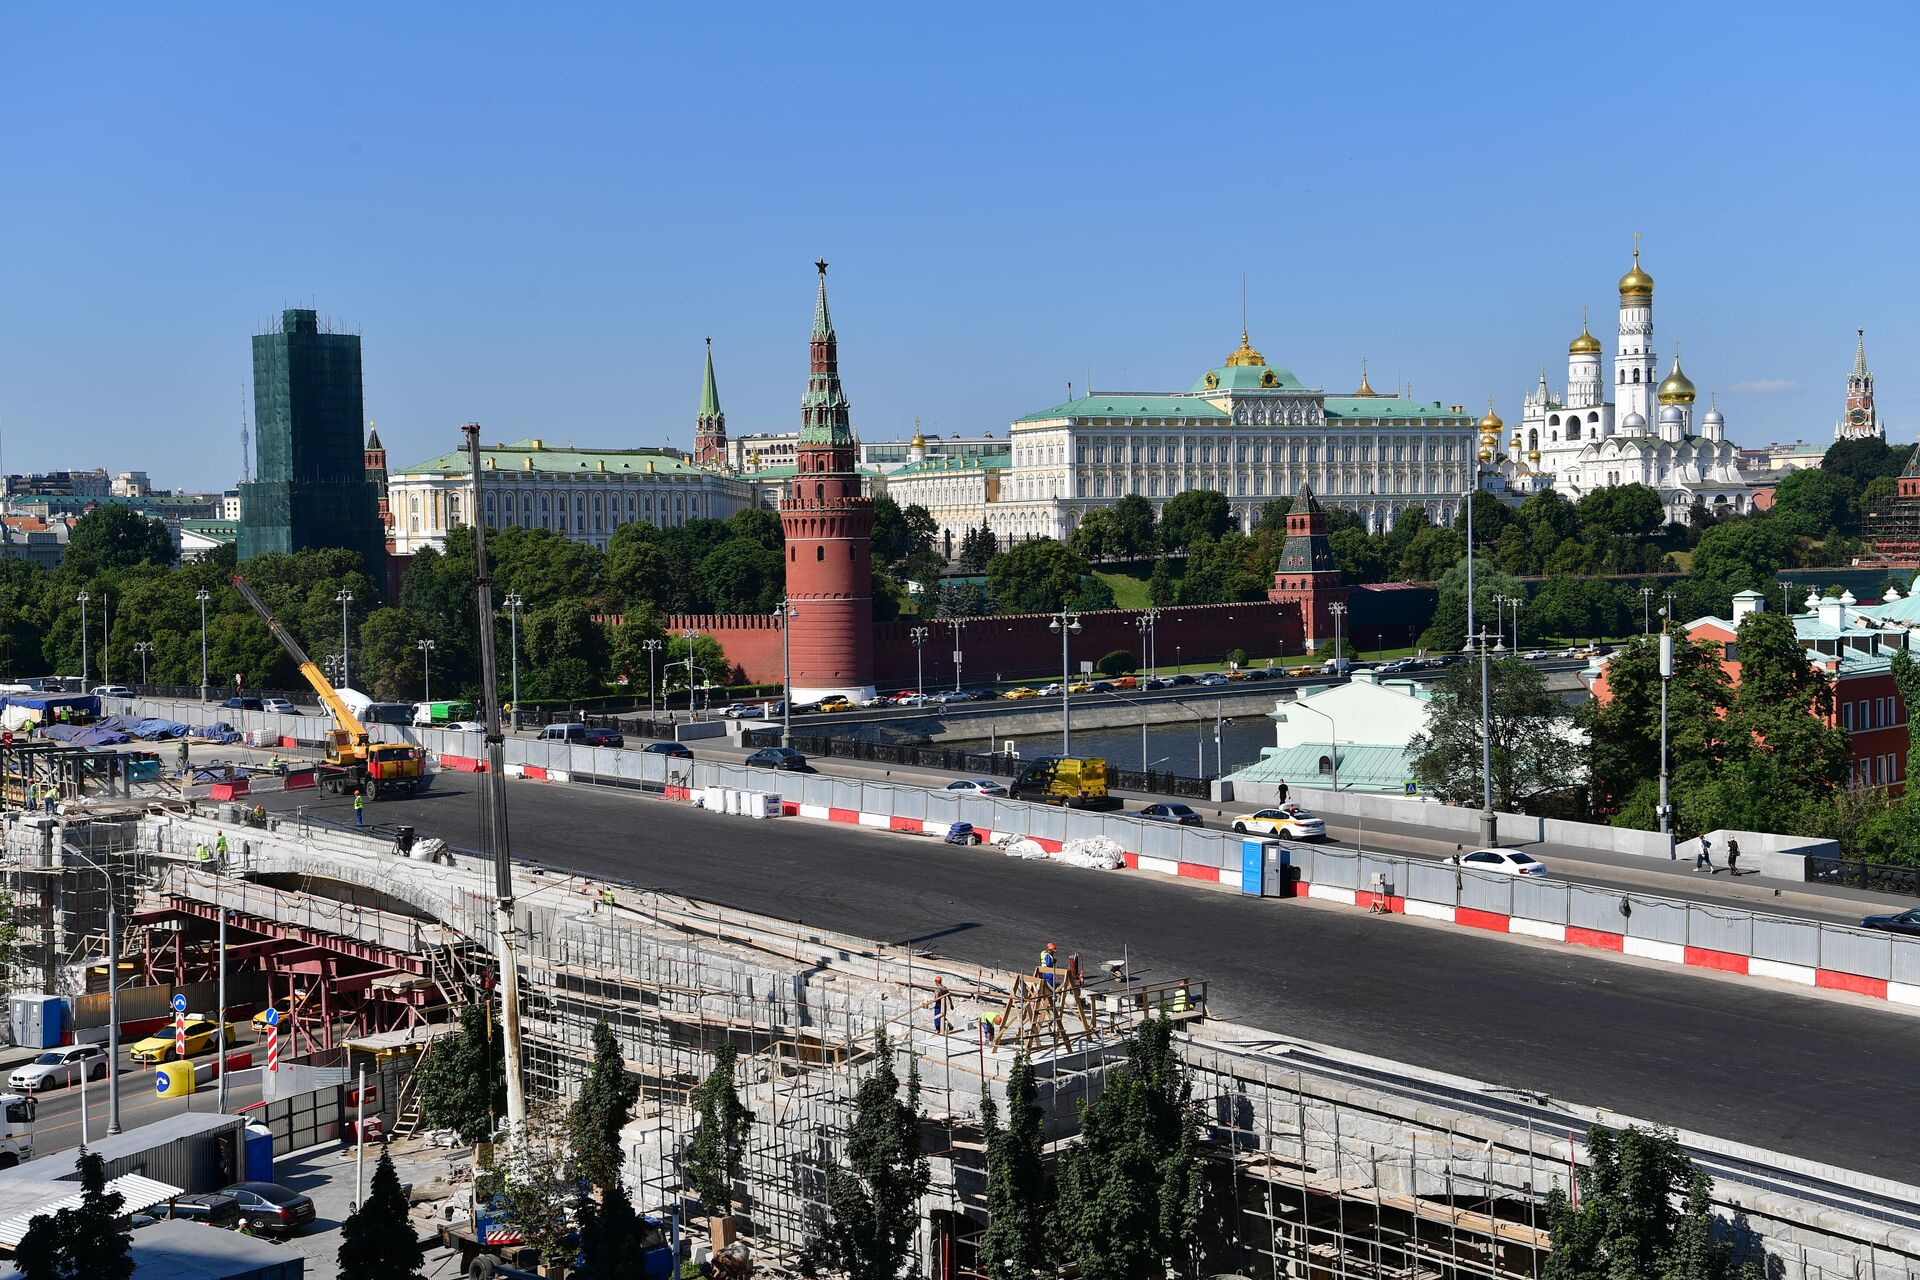 Комплексная реставрация Большого Каменного моста - РИА Новости, 1920, 09.07.2021